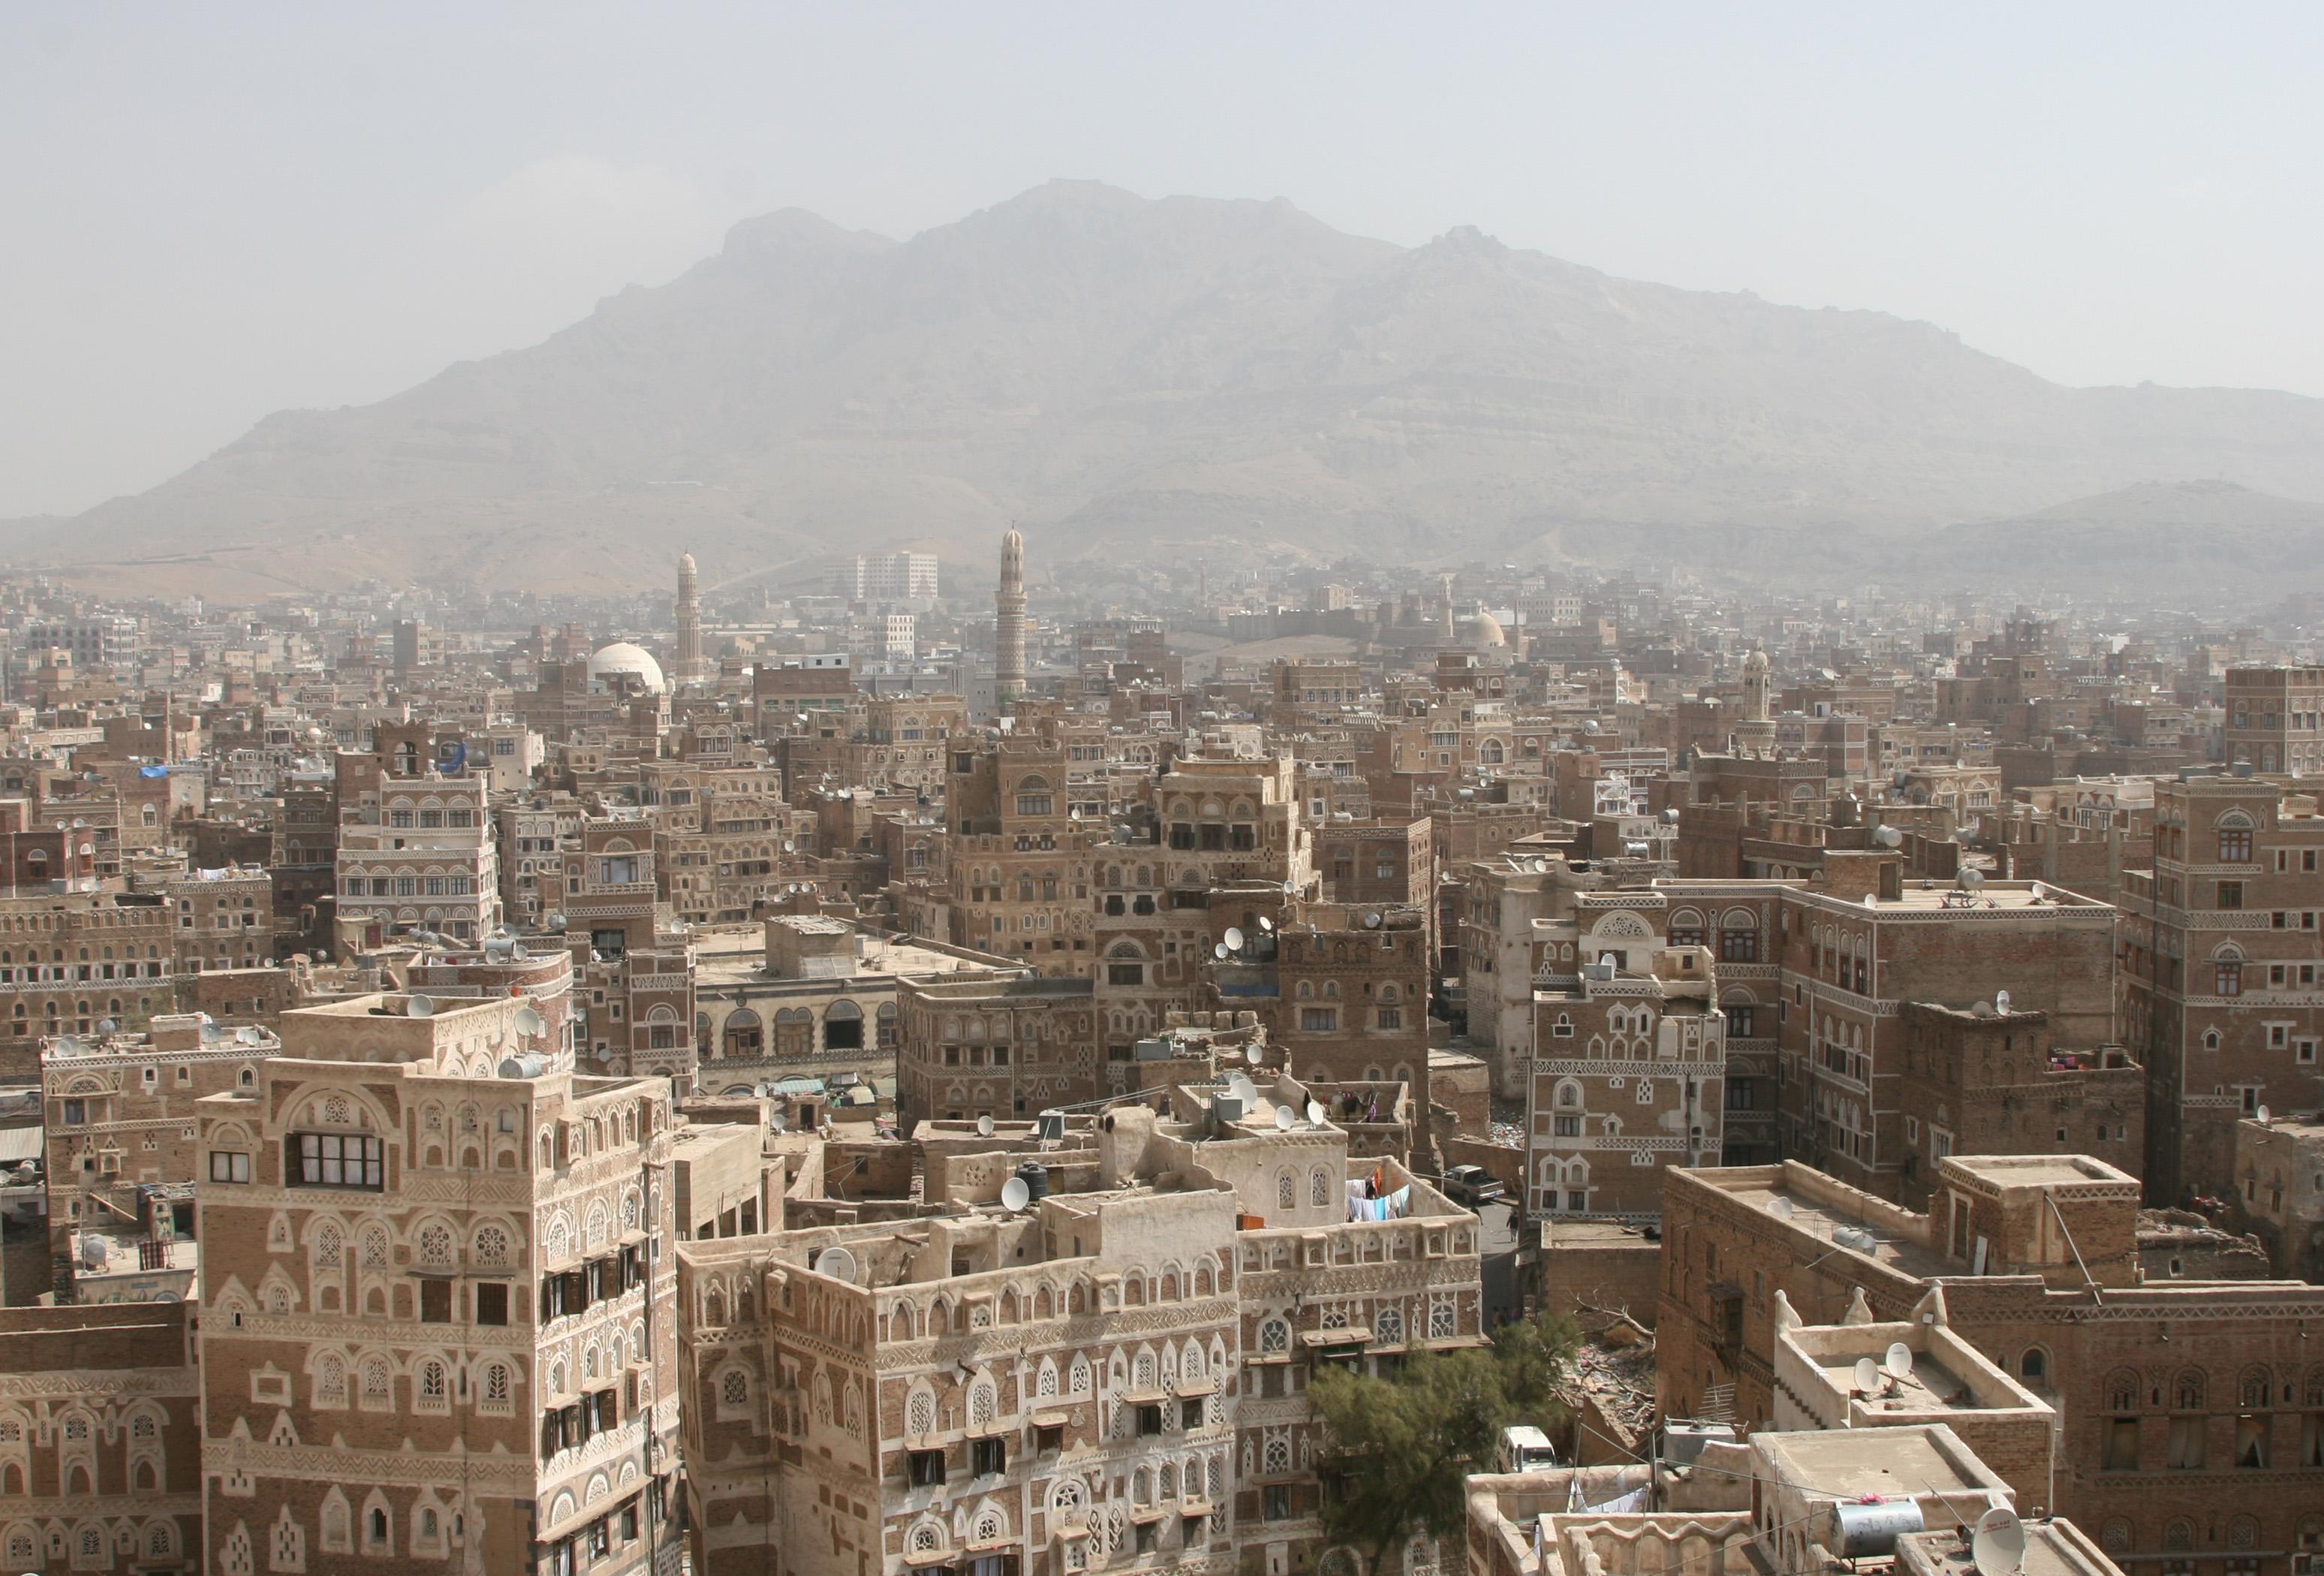 Ansicht von Sana'a vor Kriegsausbruch (Wikipedia)